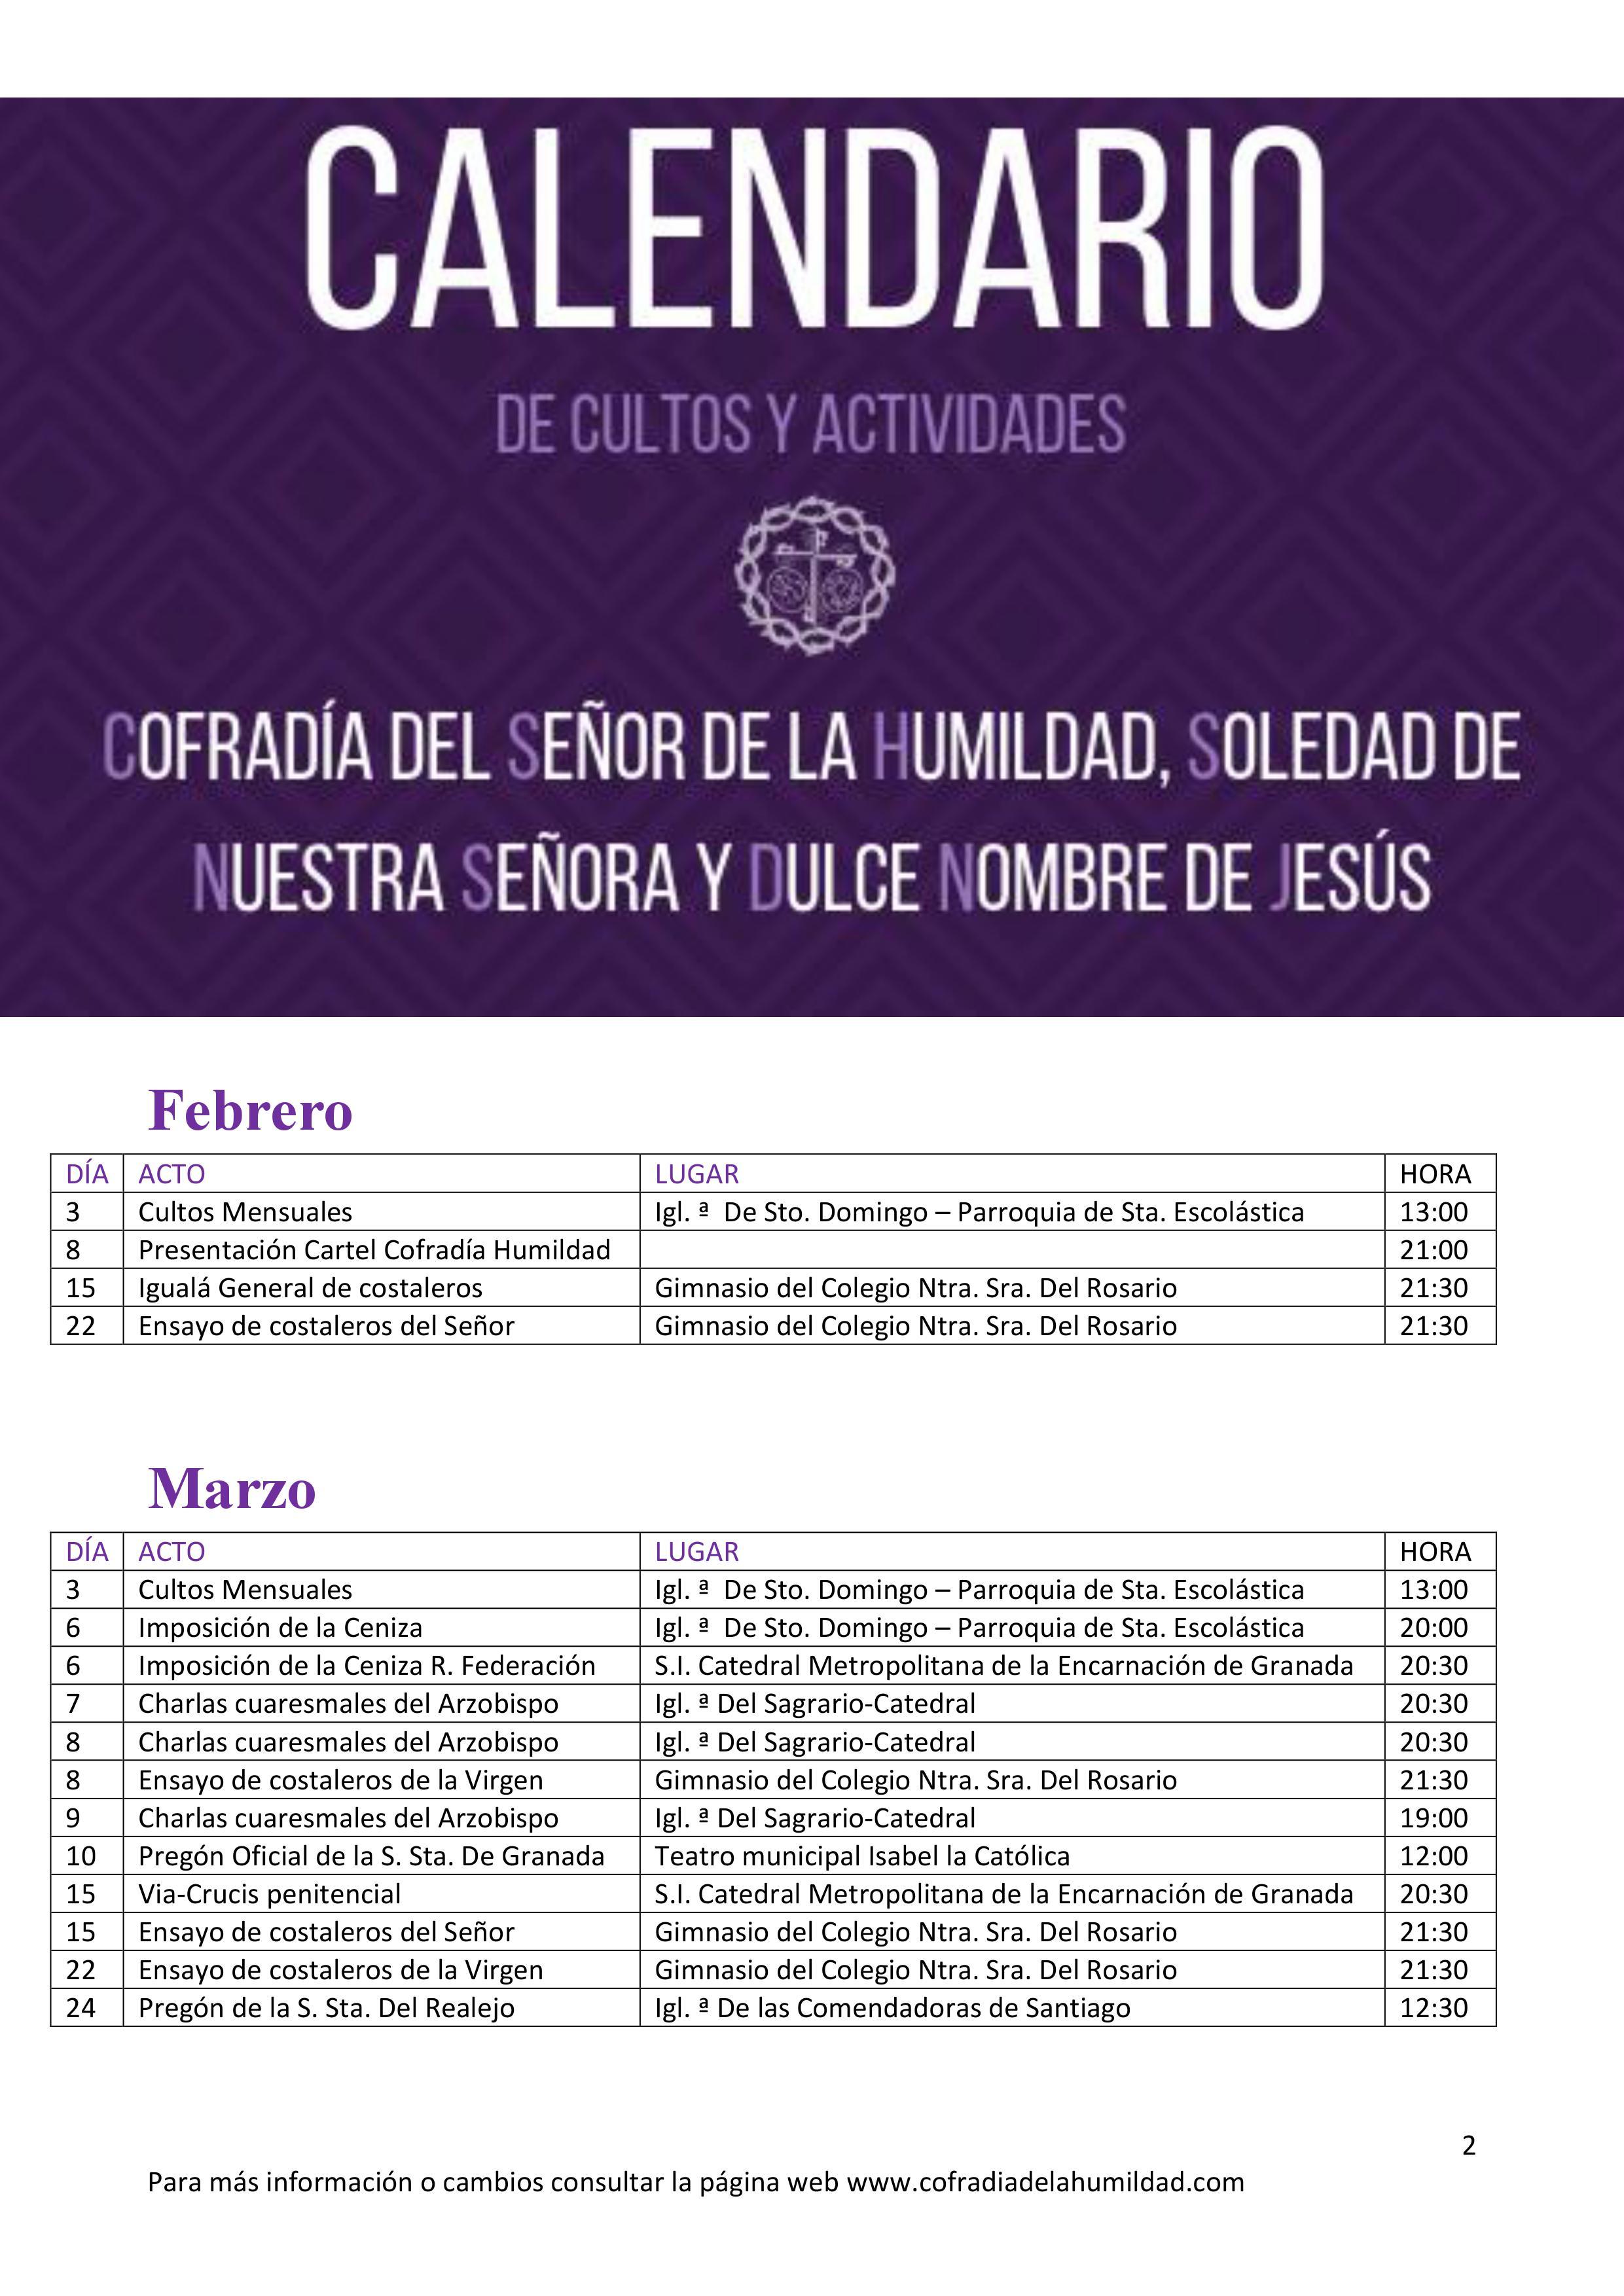 calendario cofradia humildad 2018-19 (3)